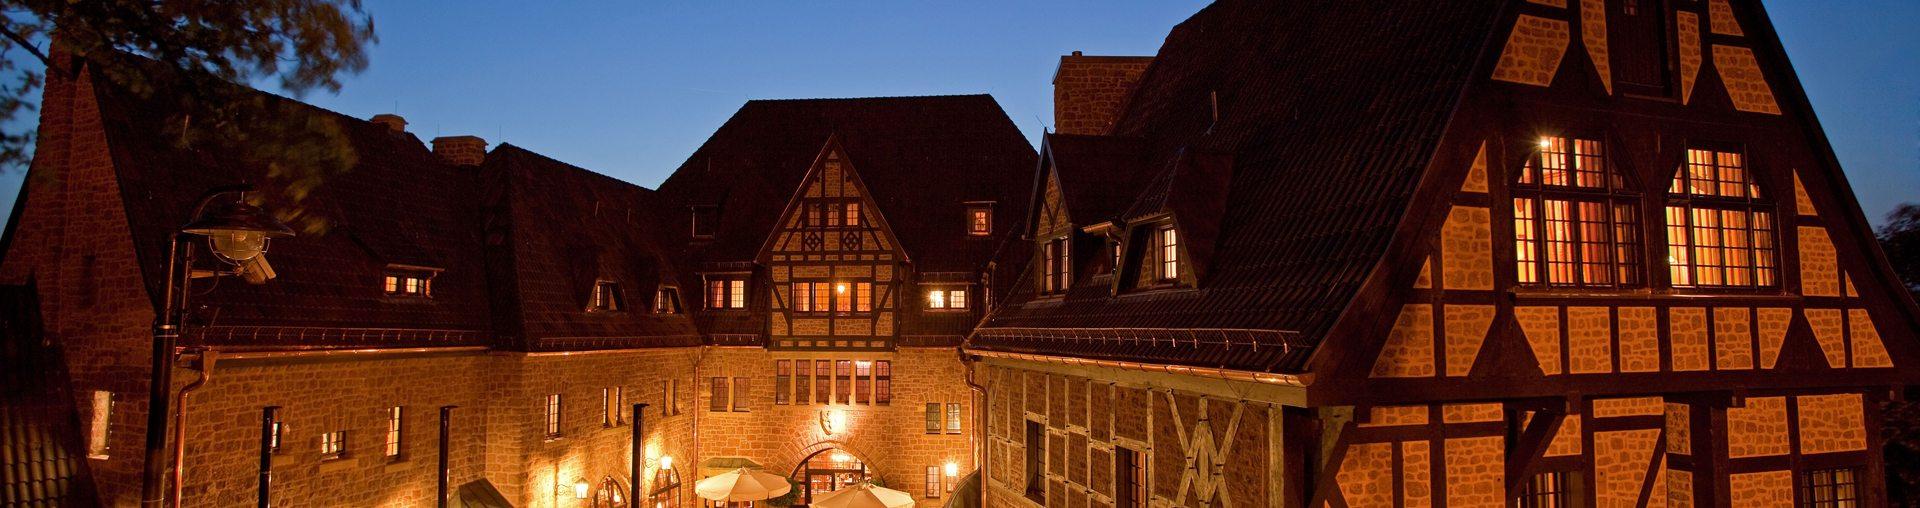 Innenhof Nacht header